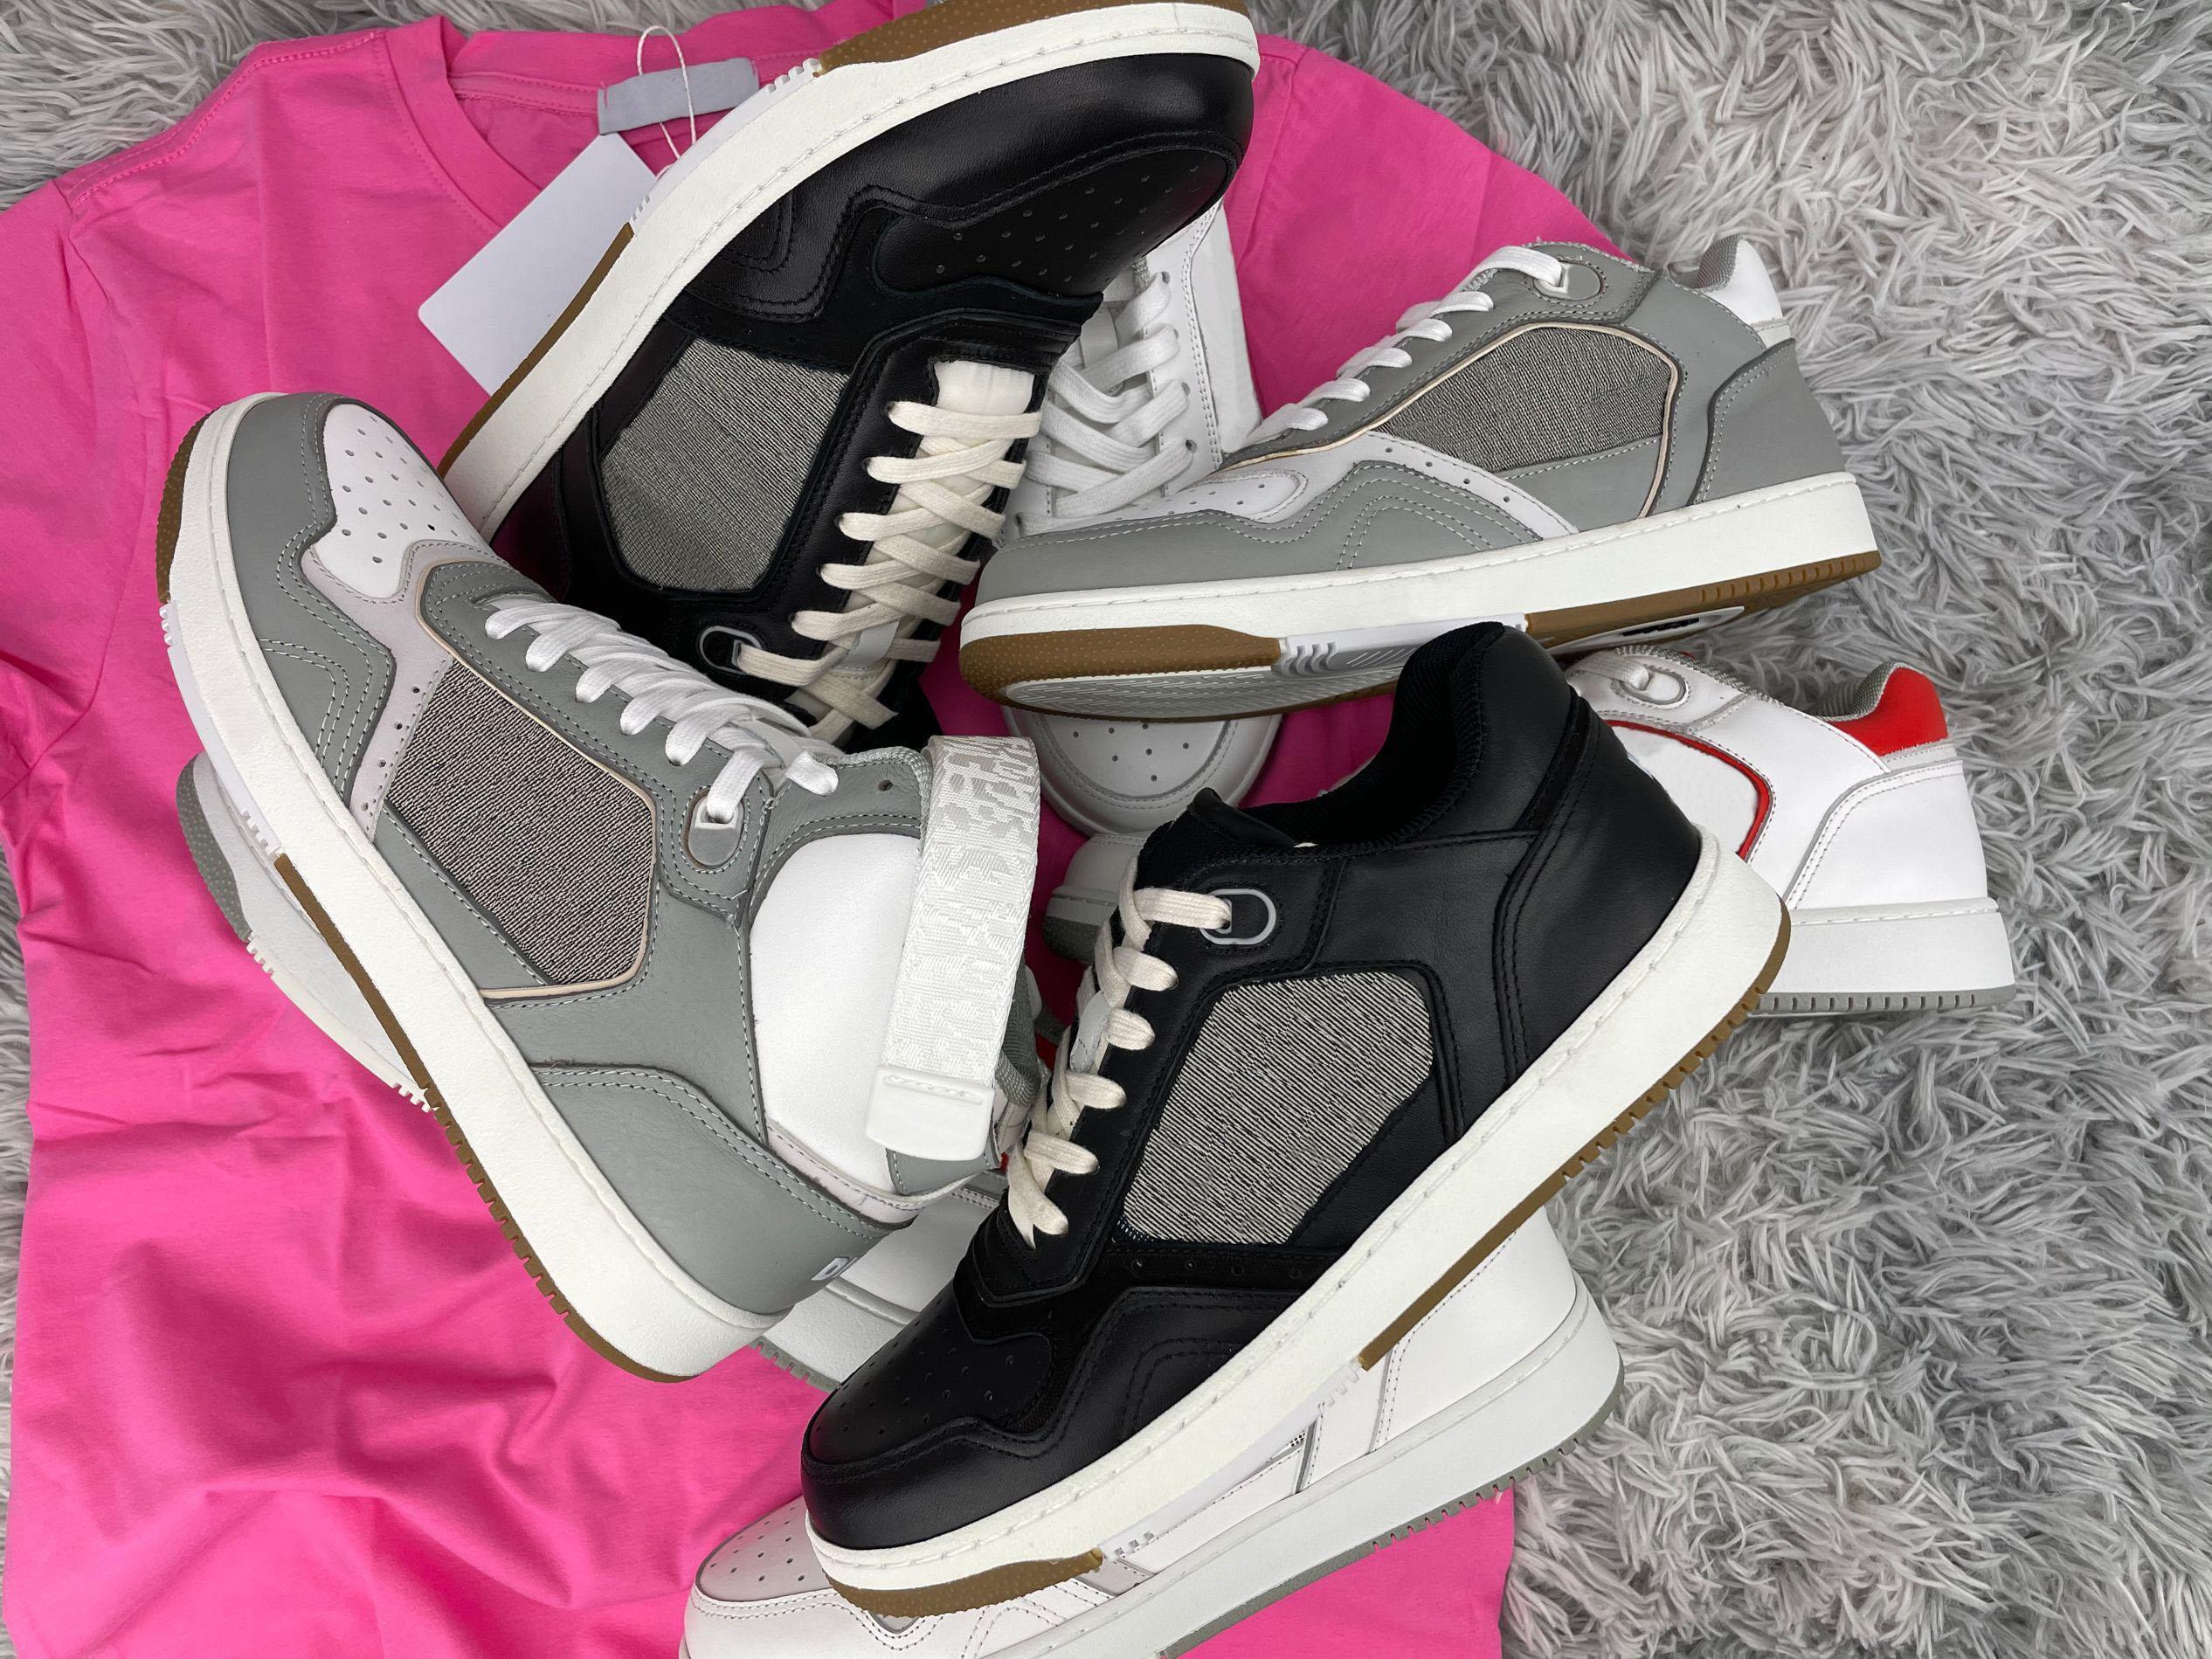 2021 Дизайнер B27 Кроссовки Печатные Натуральные Кожаные Кроссовки Досуг Низкая Верхняя Верхняя Верхняя Повседневная Обувь Мода Кожаные кроссовки